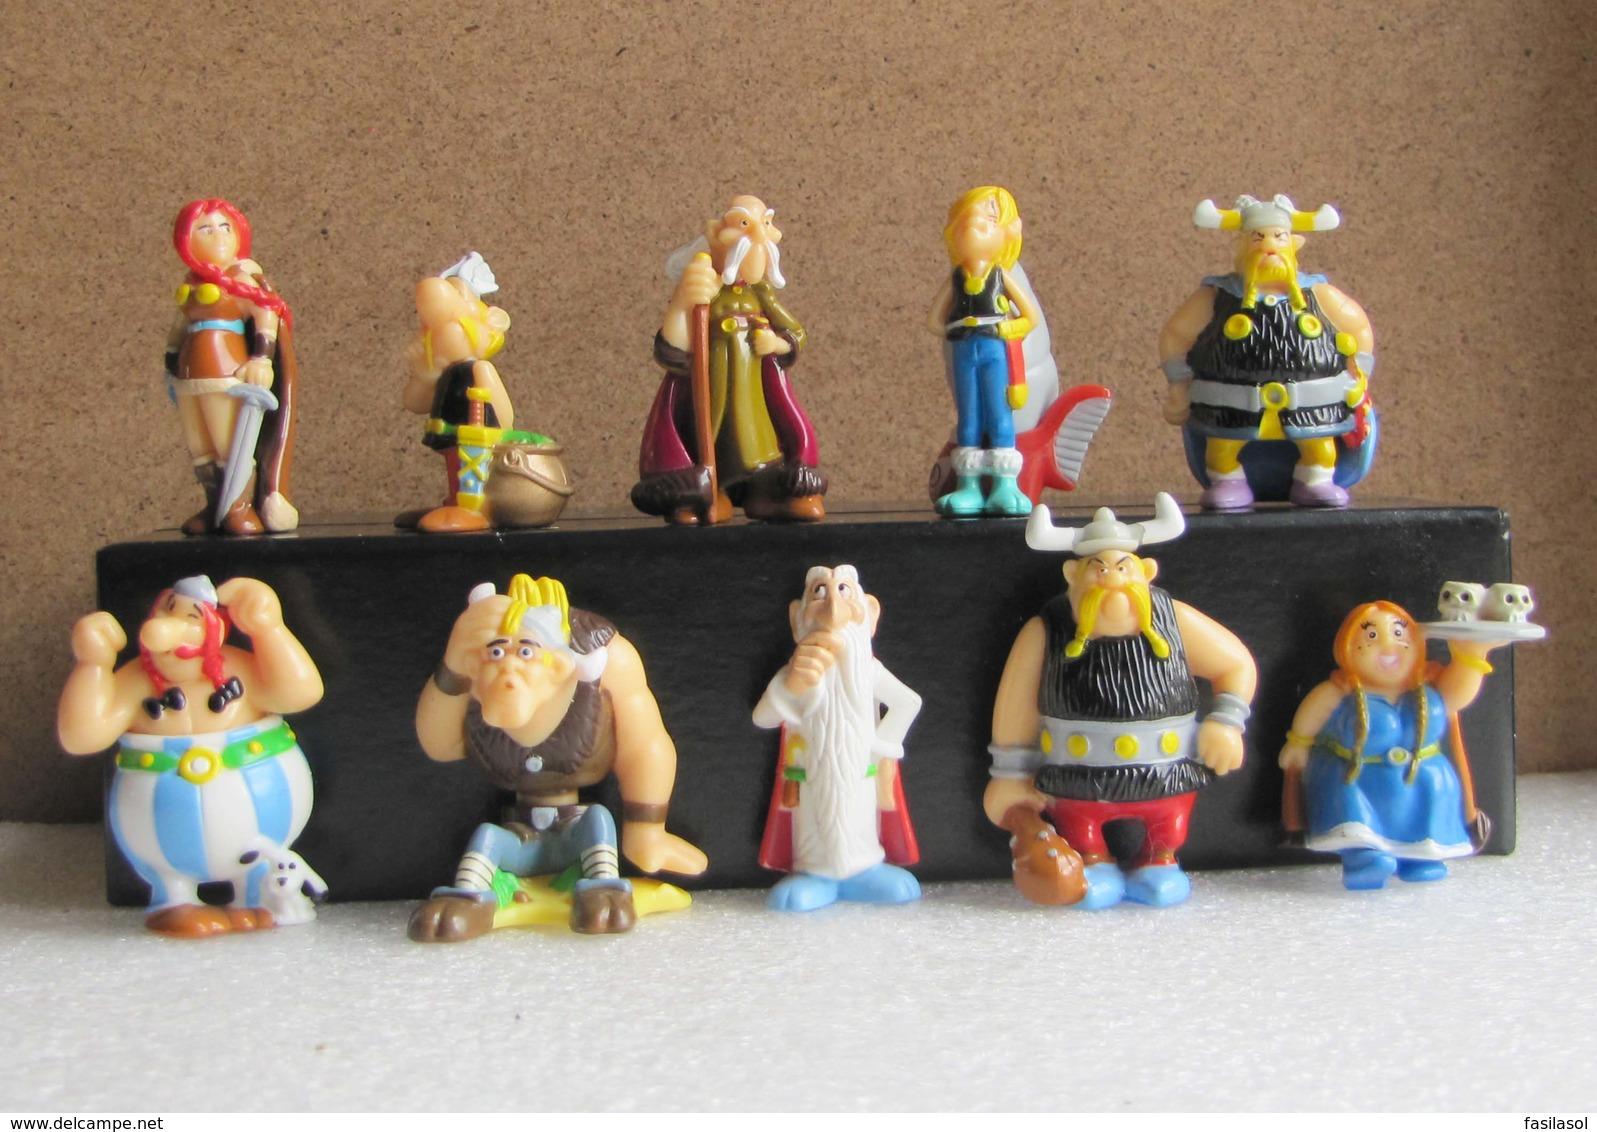 Kinder 2007 : Série Complète : Astérix Et Les Vikings (10 Figurines Avec 1 BPZ) - Asterix & Obelix